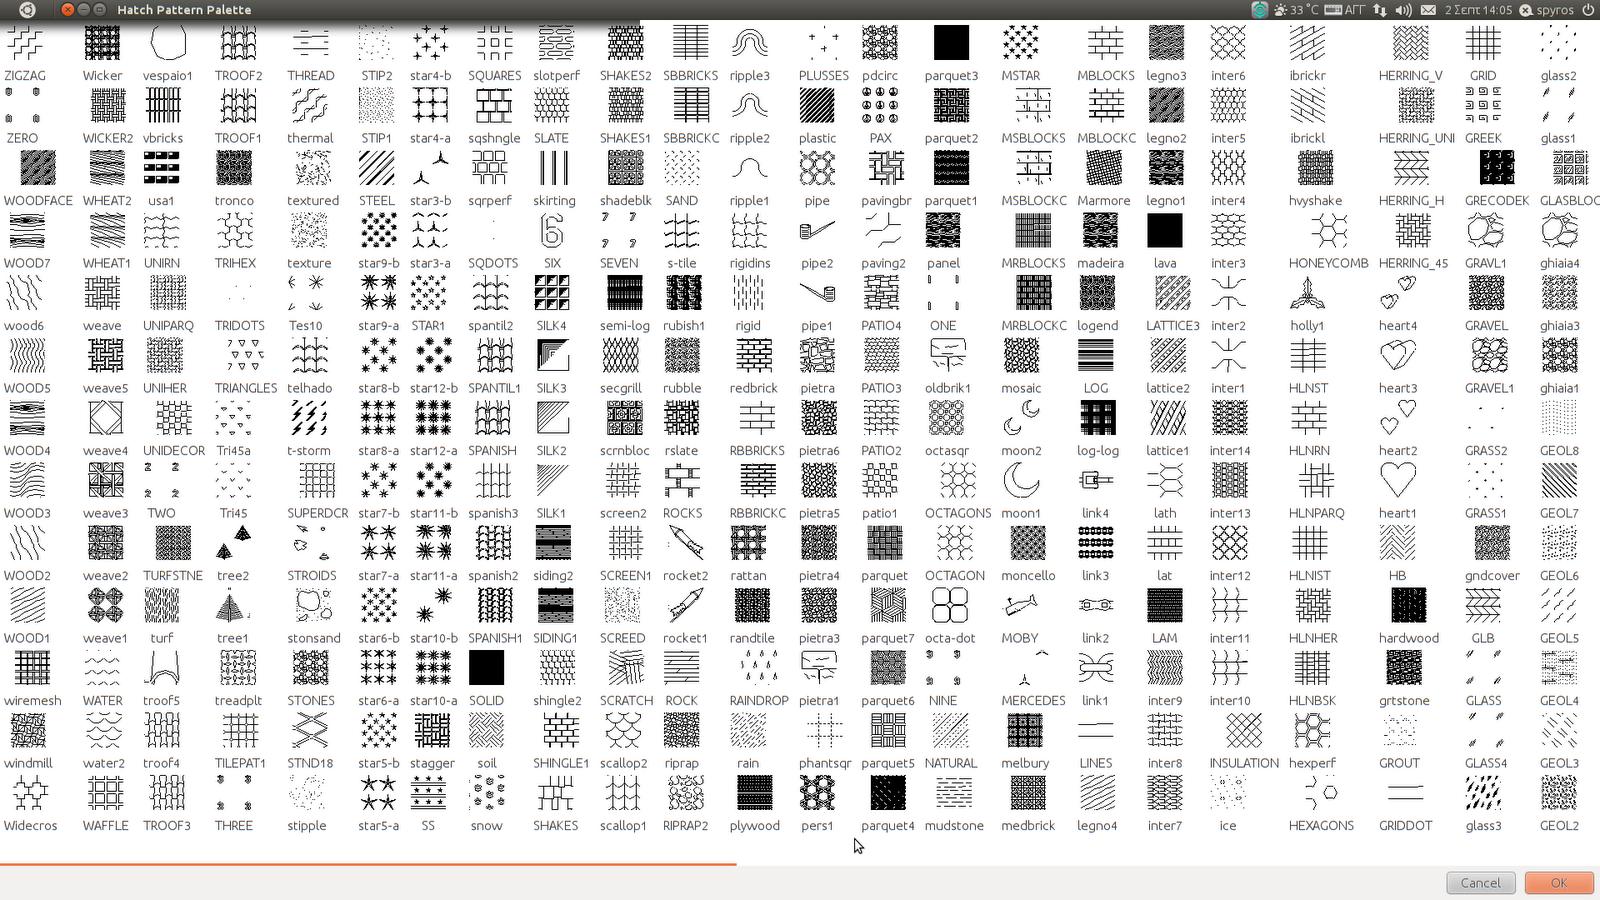 Standard Hatch Patterns Autocaddownload Free Software